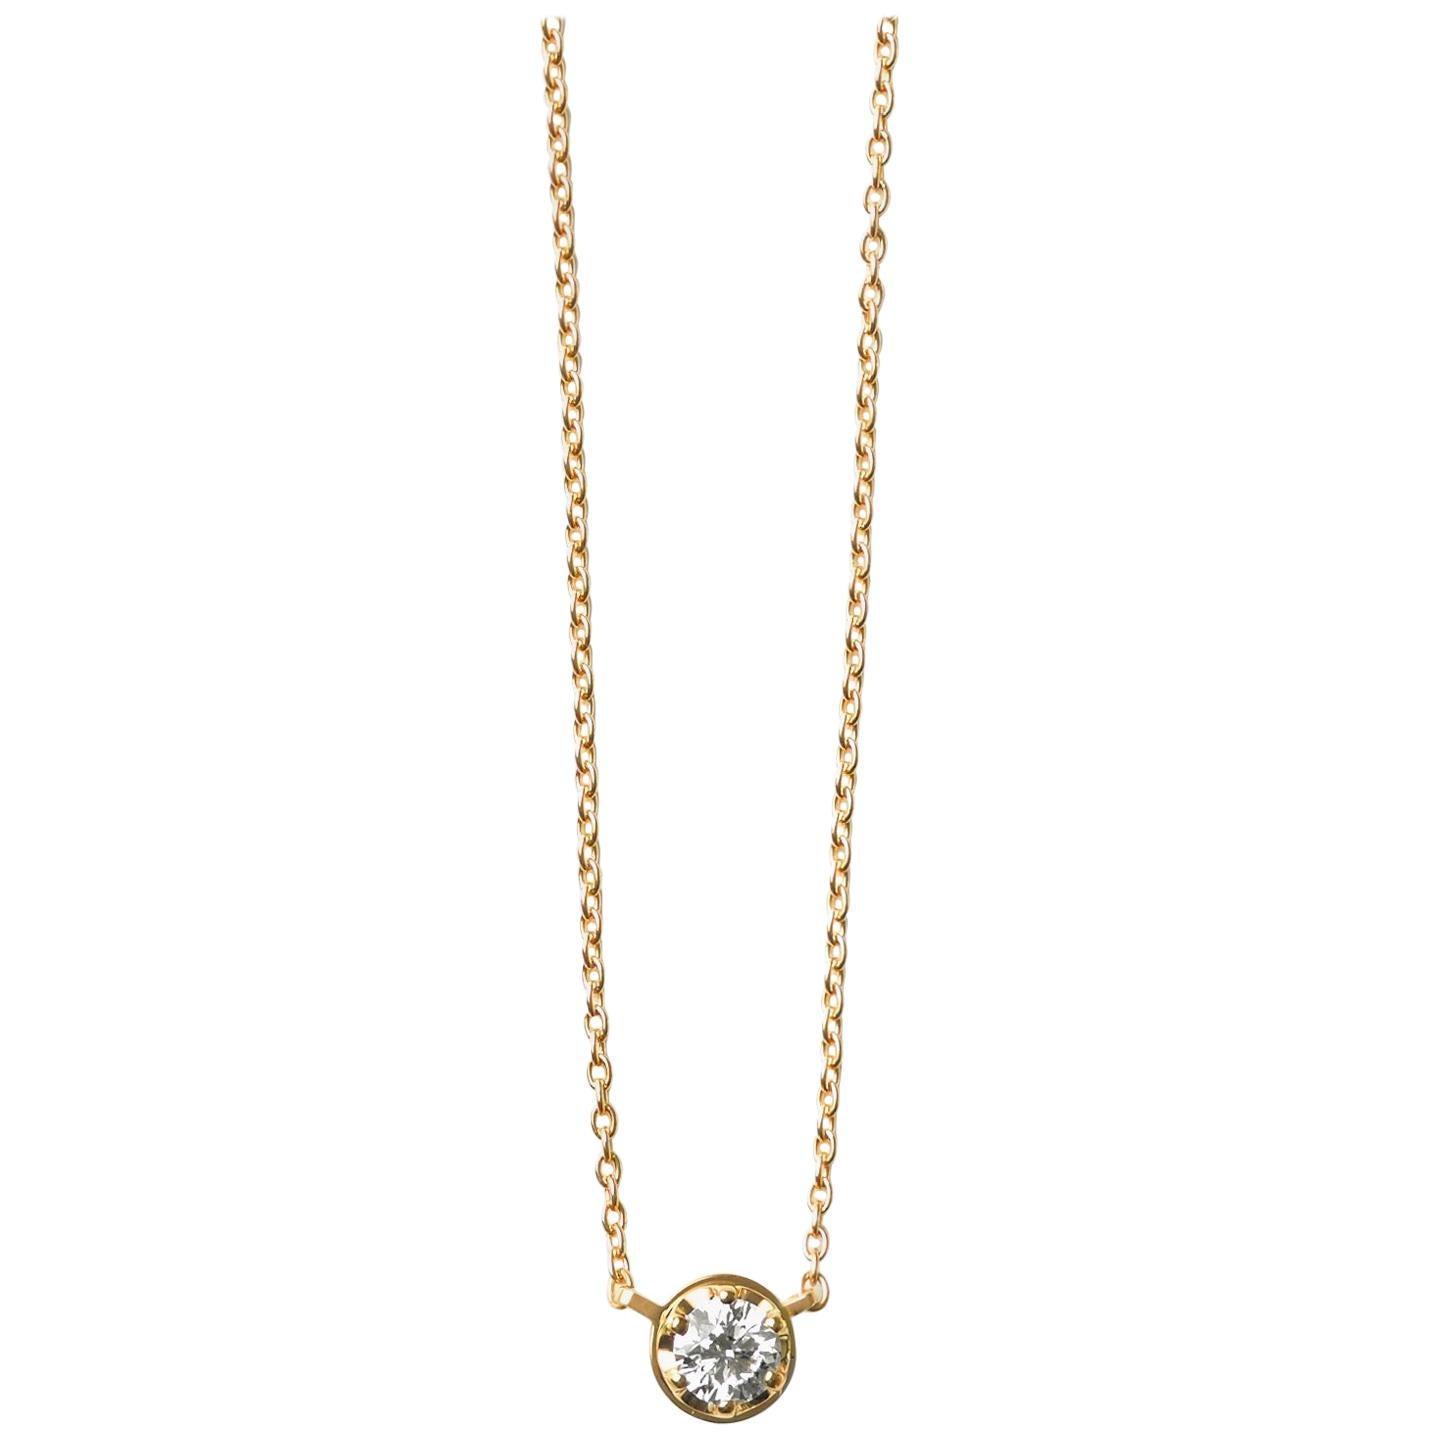 18 Karat Yellow Gold 0.4 Carat Diamond Necklace